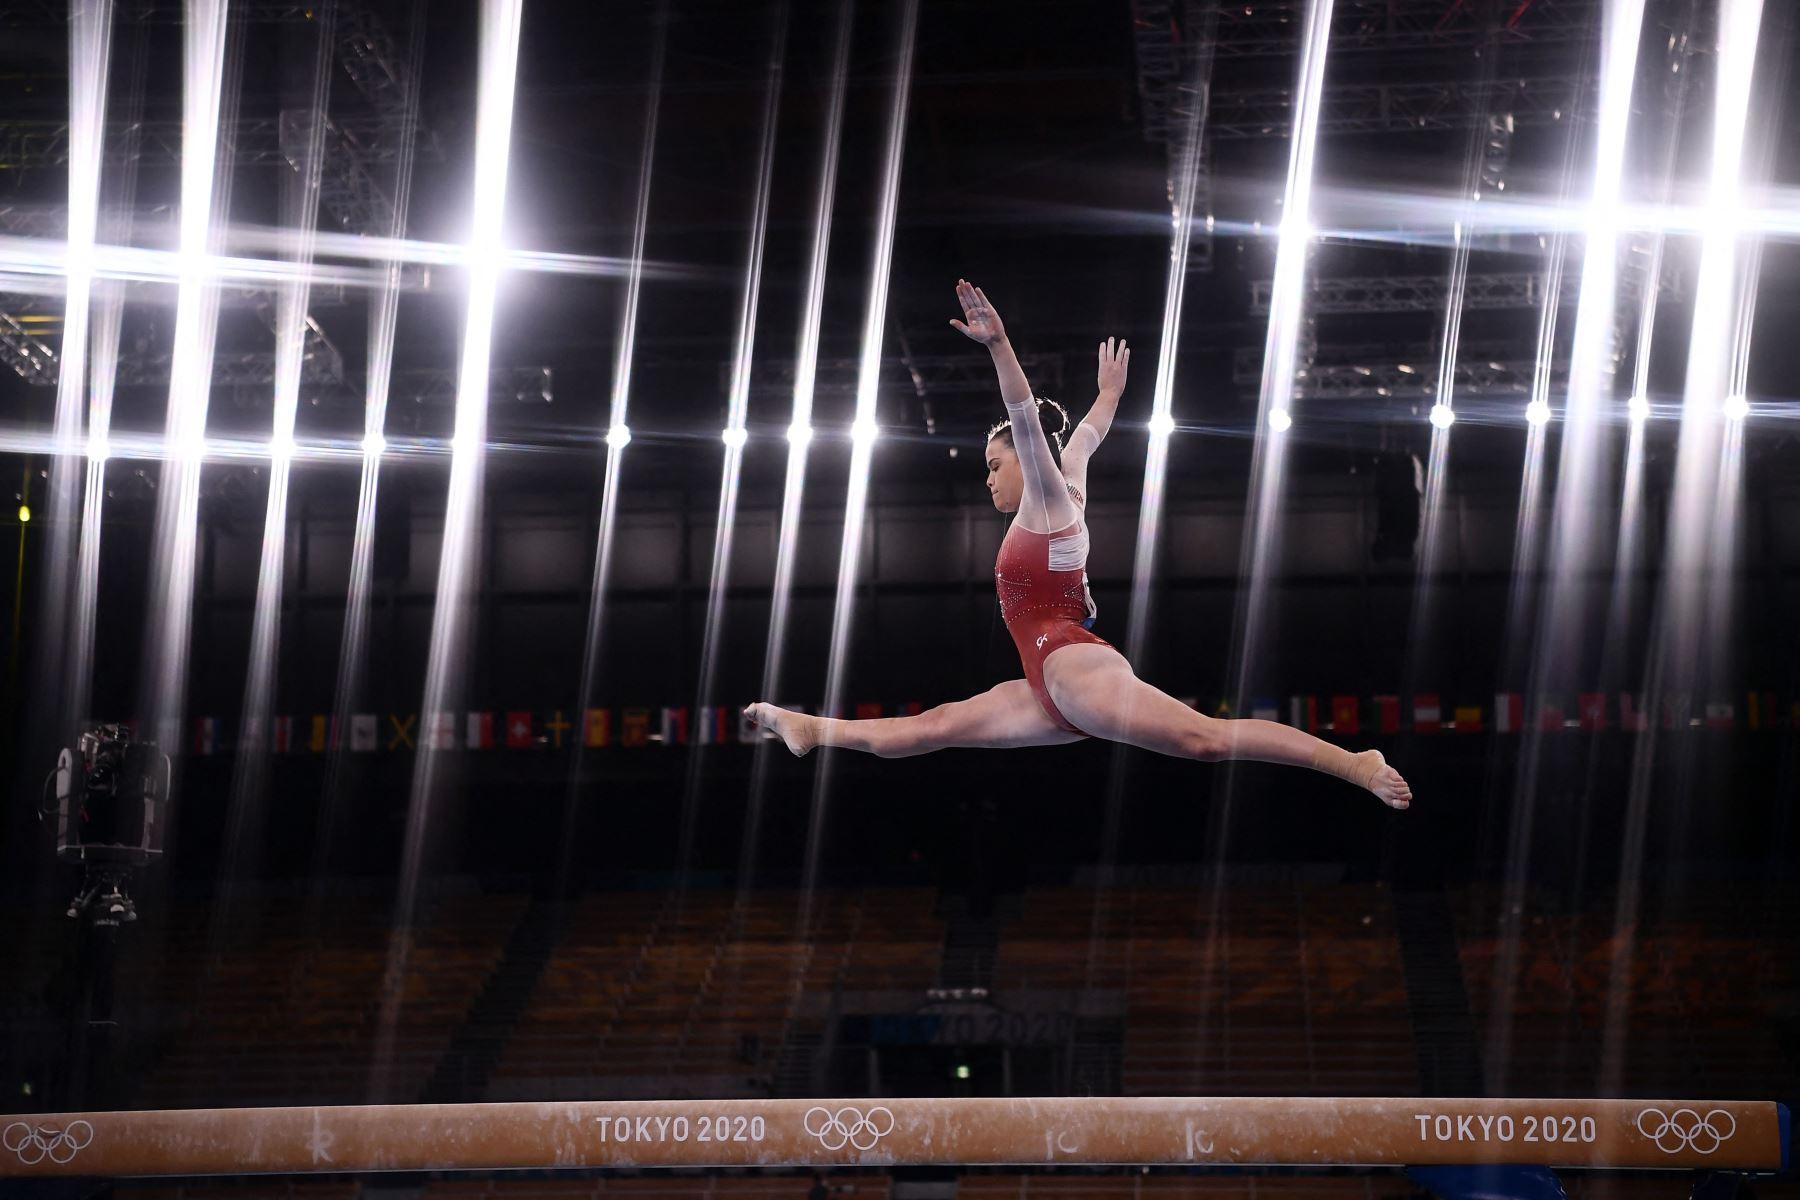 Ariana Orrego de Perú compite en el evento de viga de equilibrio de gimnasia artística de la clasificación femenina durante los Juegos Olímpicos de Tokio 2020 en el Centro de Gimnasia Ariake en Tokio. Foto: AFP